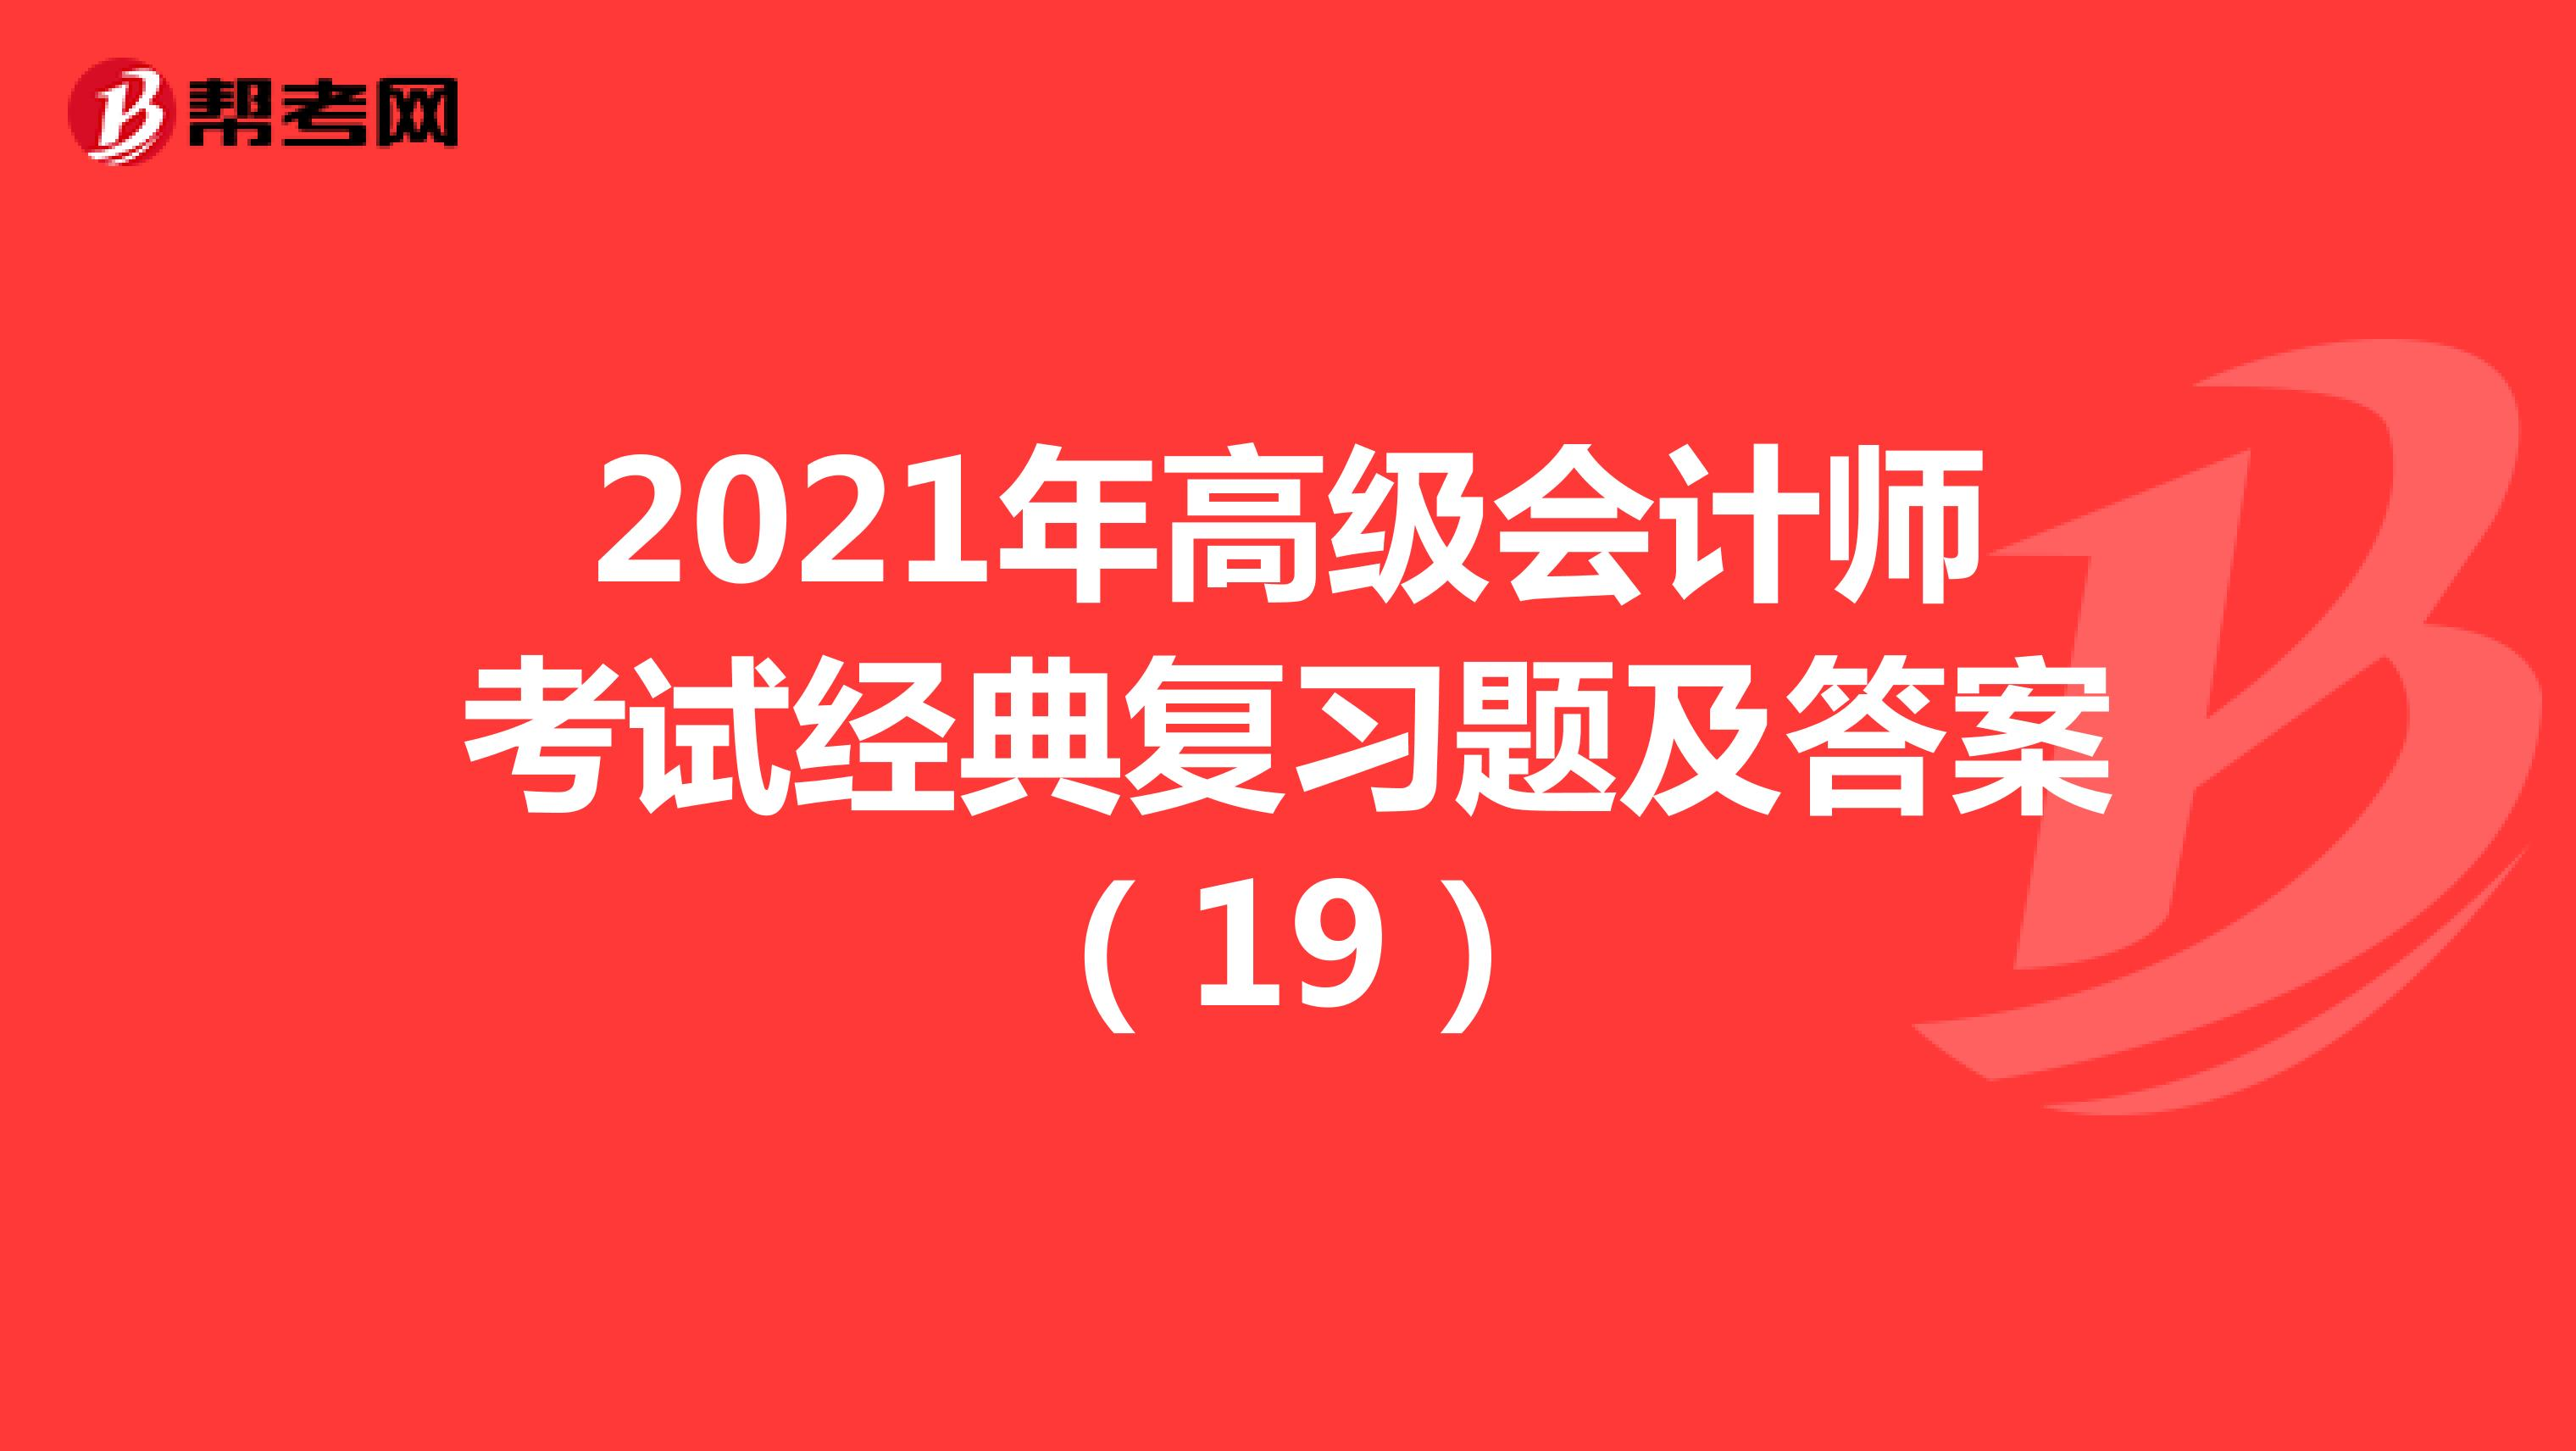 2021年高级会计师考试经典复习题及答案(19)